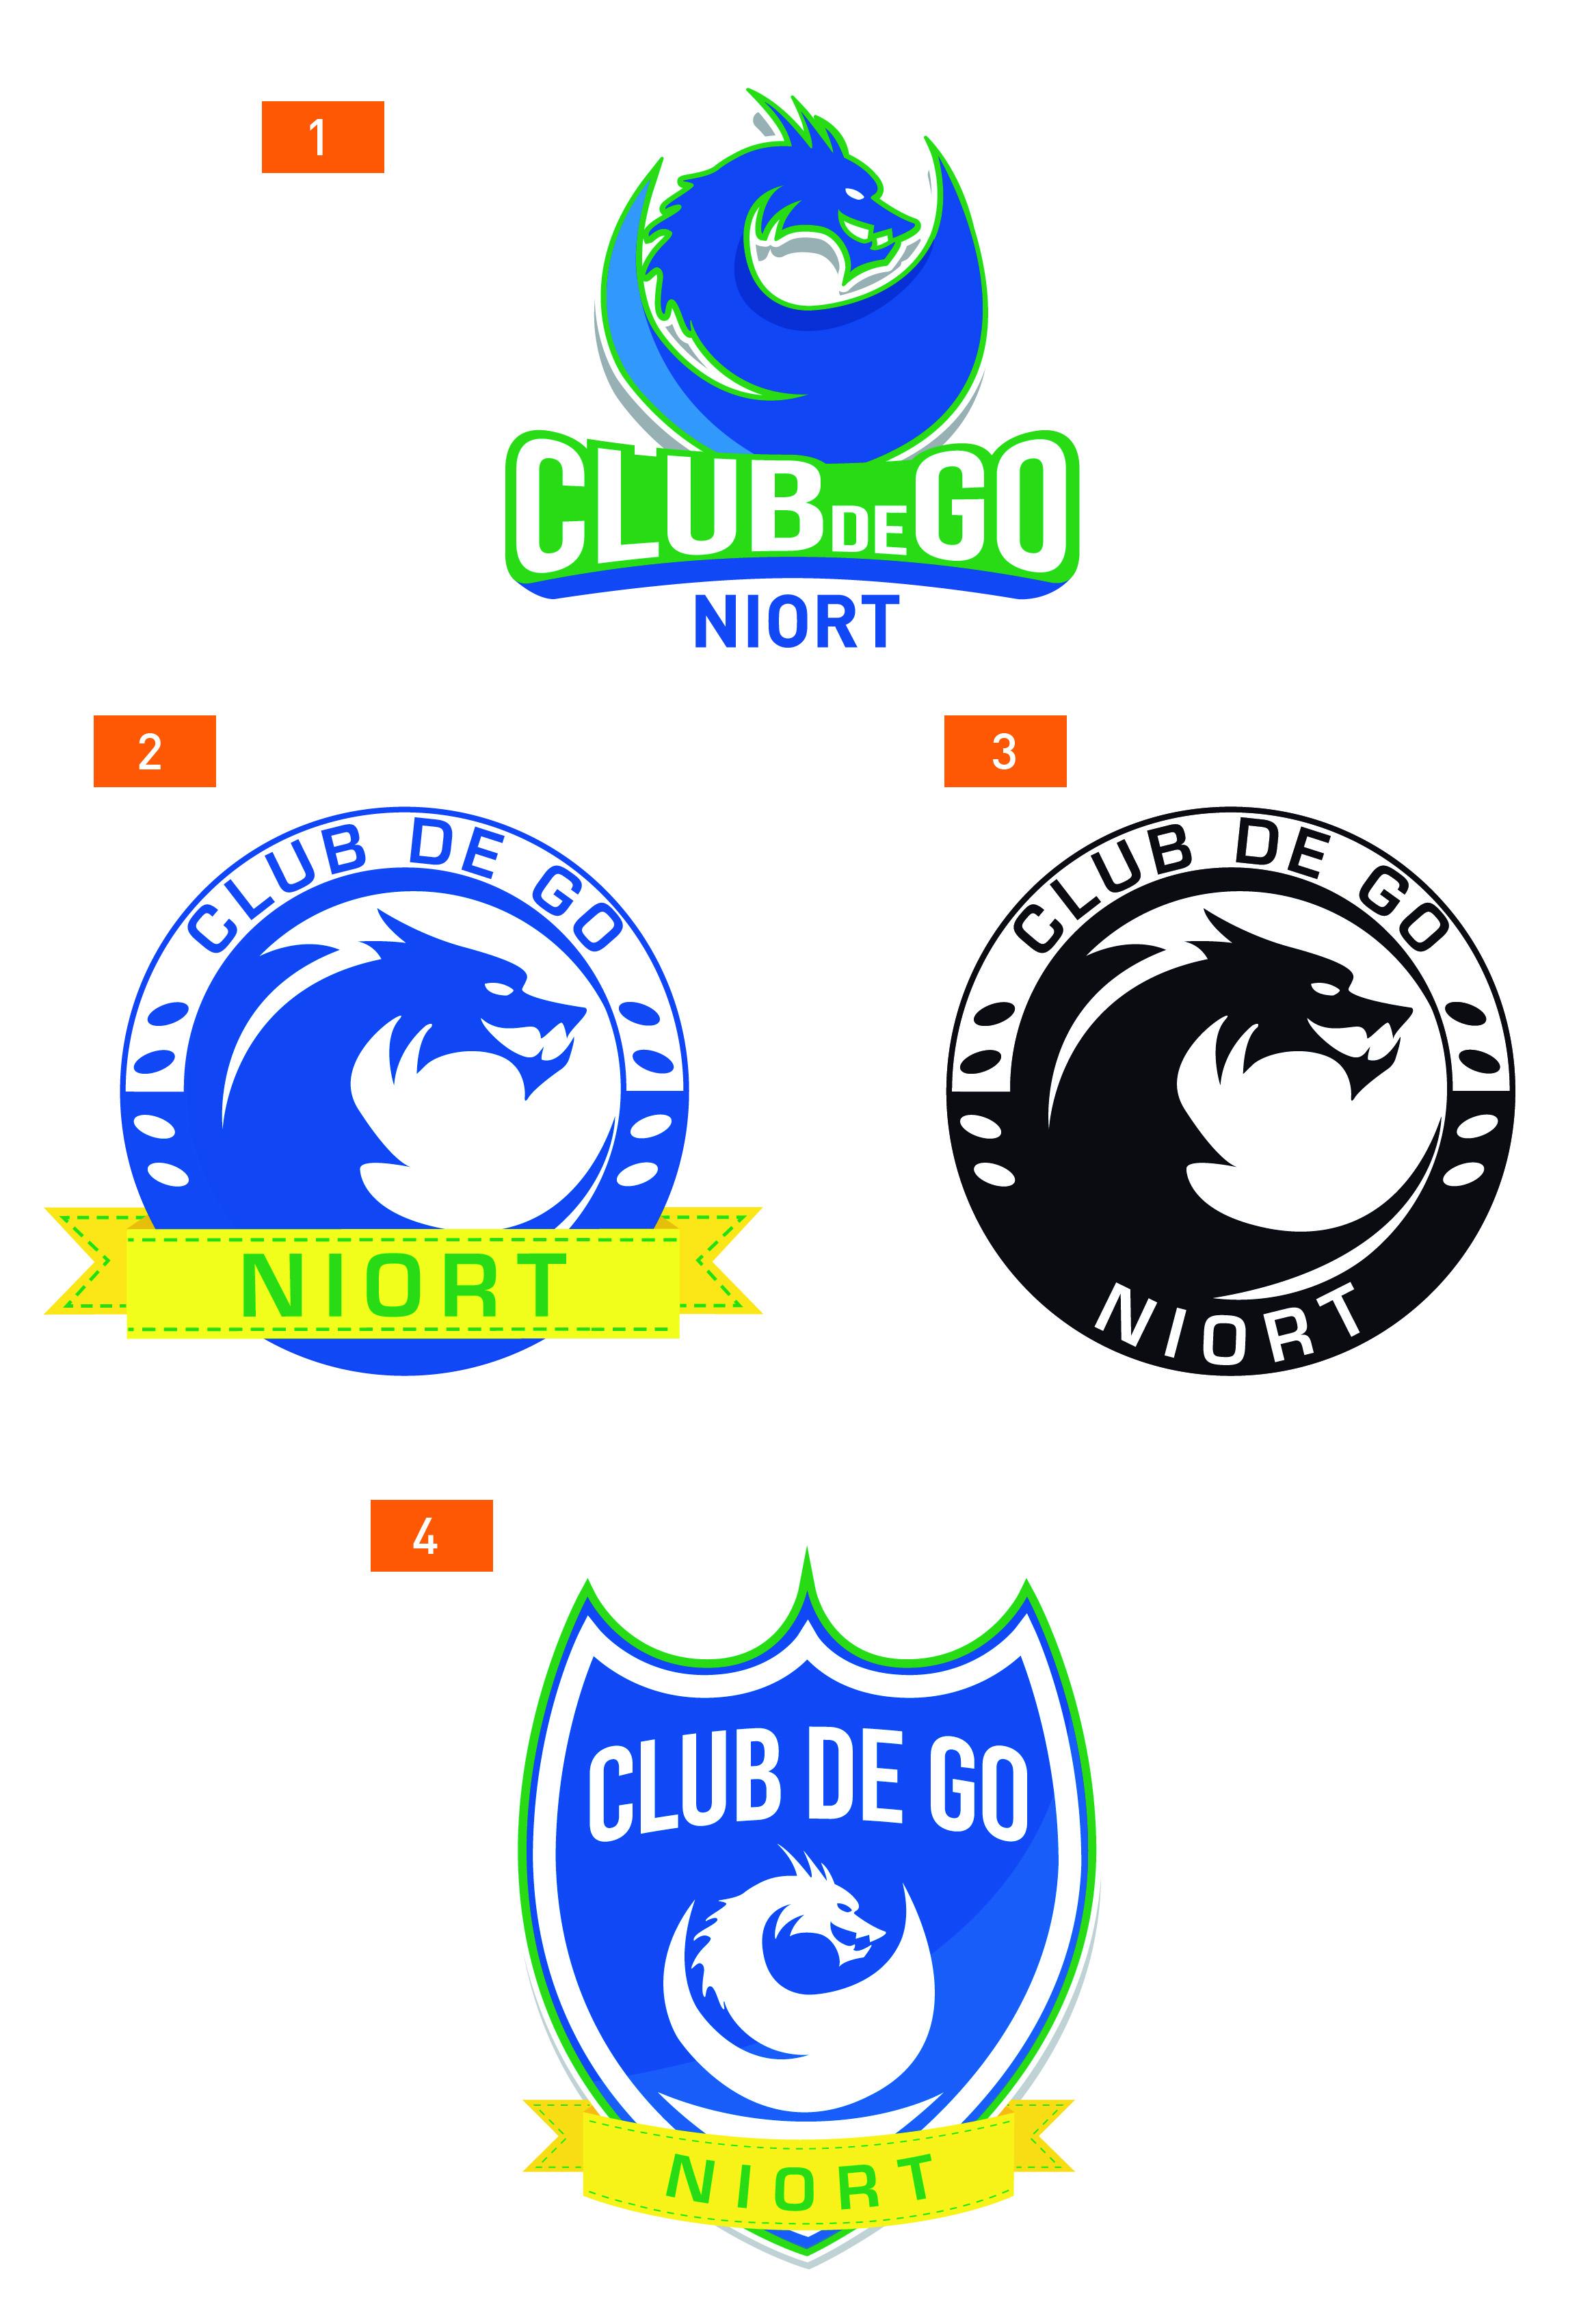 Propositions de logos pour le Club de Go de Niort